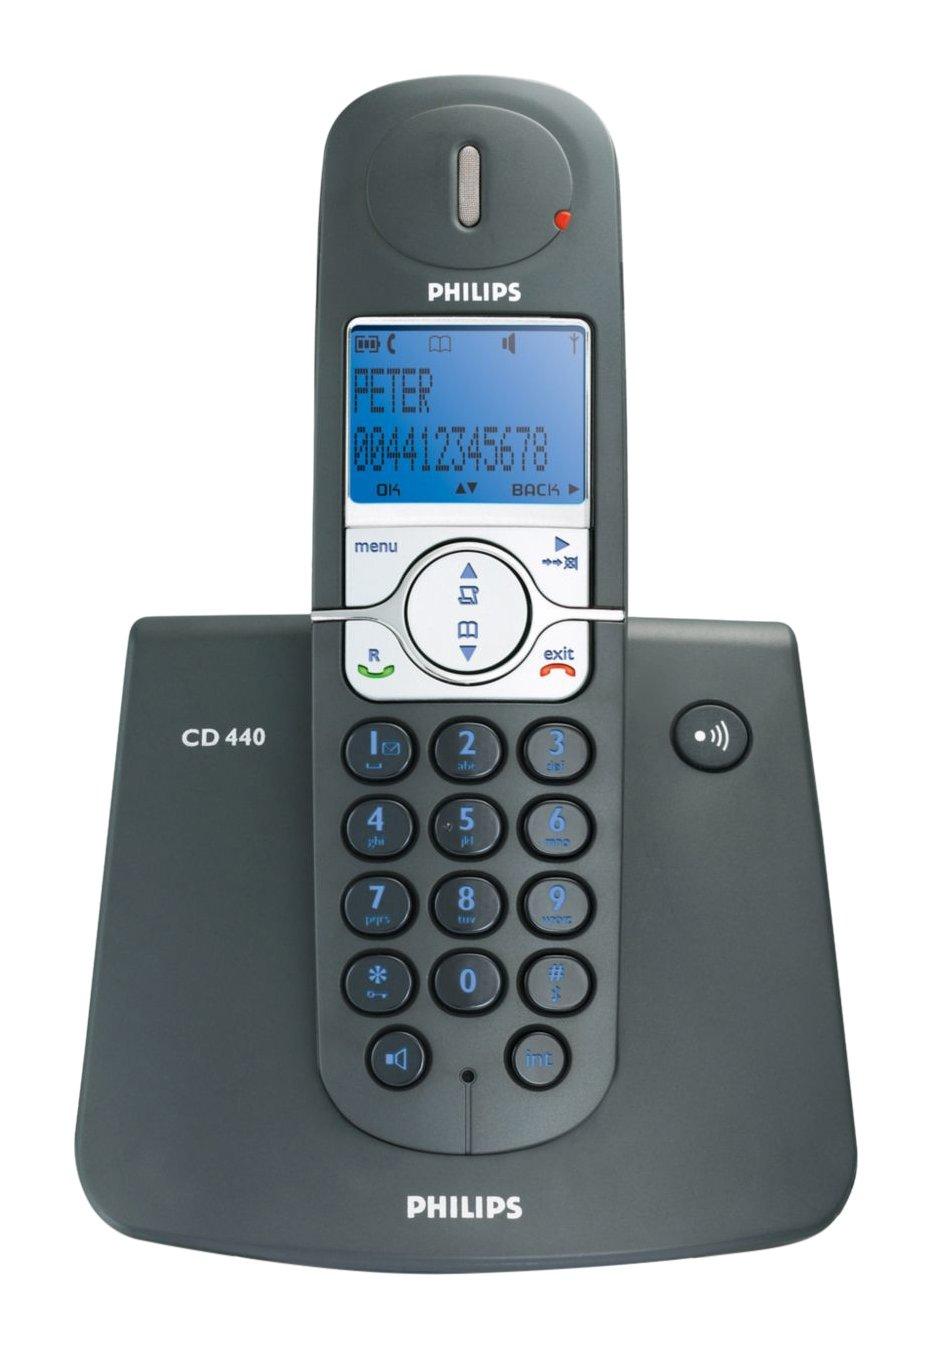 Philips CD 4401 High DefVoice Cordless Speaker Phone